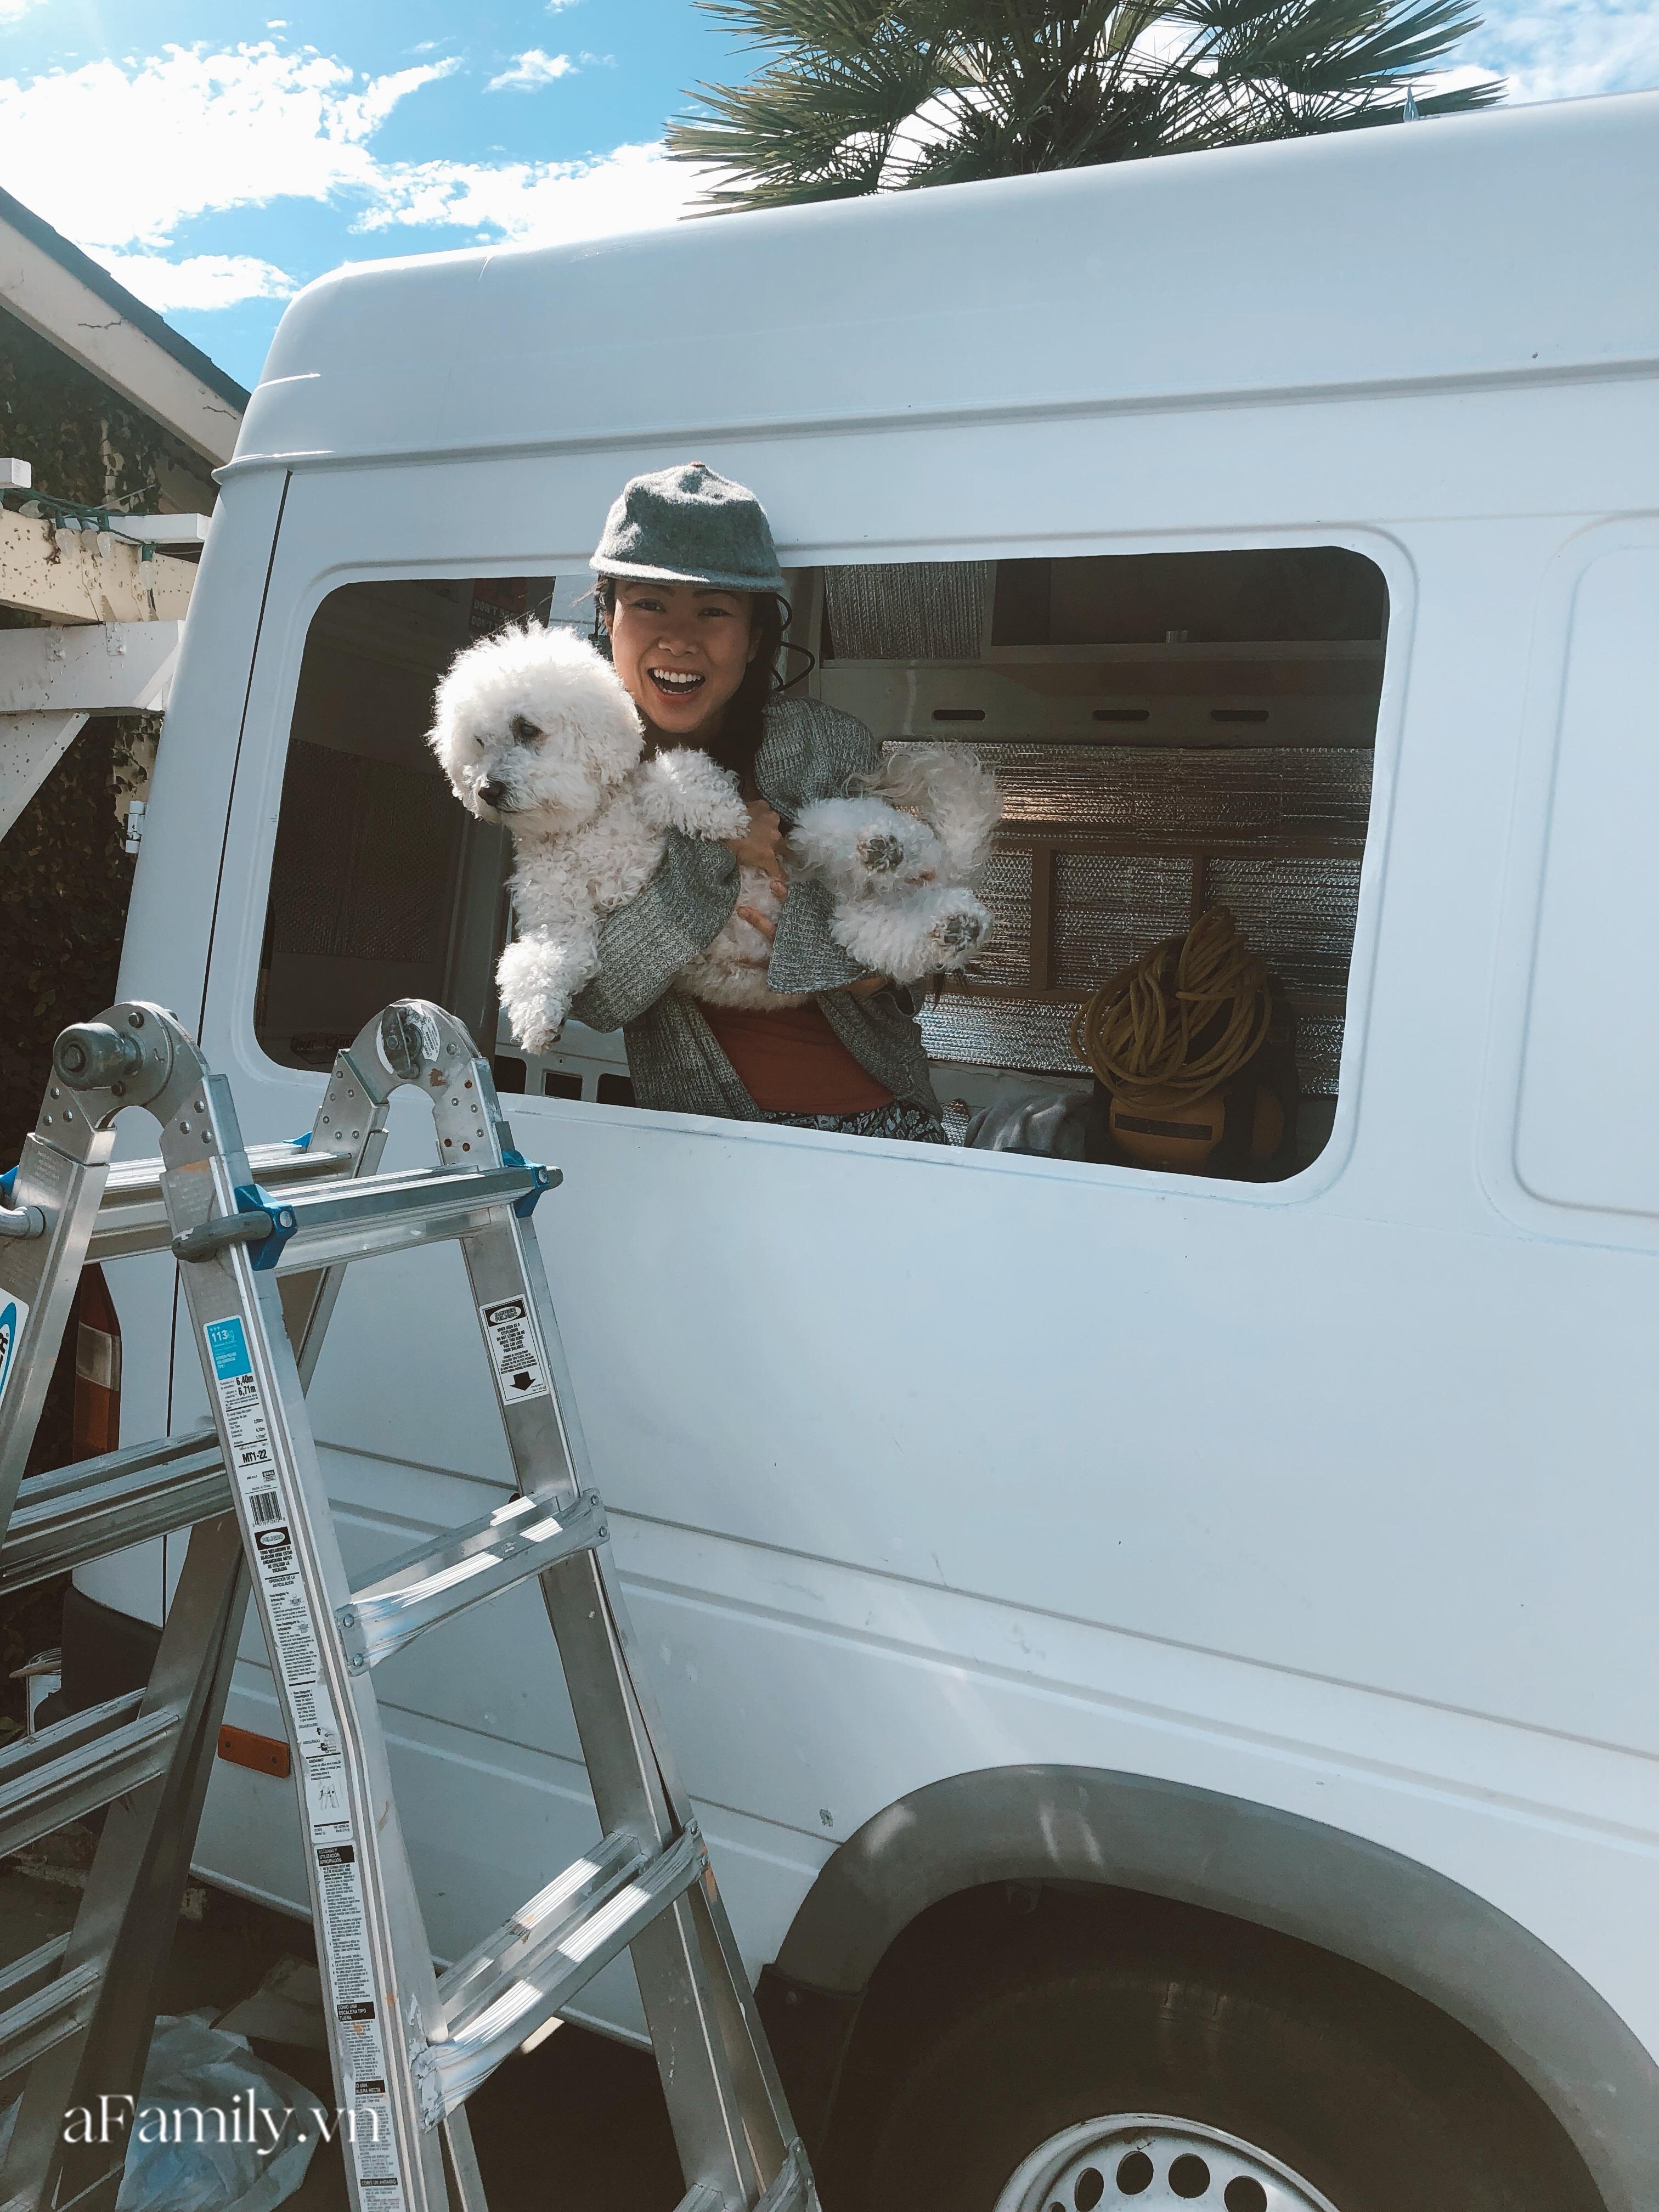 Cuộc sống trên xe van đi khắp nước Mỹ của đôi vợ chồng người Việt: Mỗi ngày thức dậy là một cảnh bình minh - Ảnh 10.